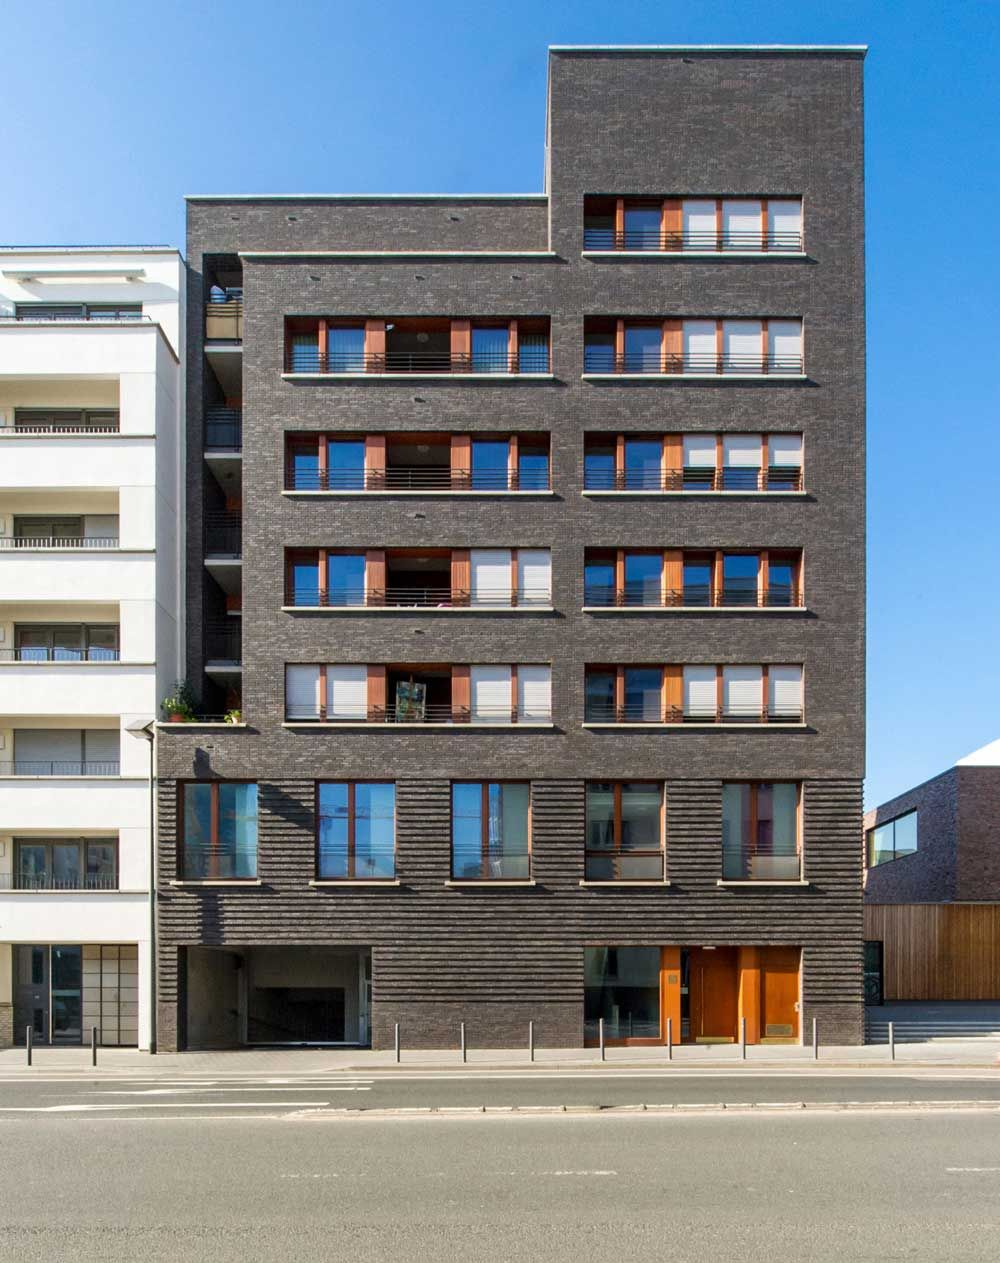 auszeichnung gemeindezentrum und altersgerechtes wohnen stefan forster architekten gmbh lisa. Black Bedroom Furniture Sets. Home Design Ideas